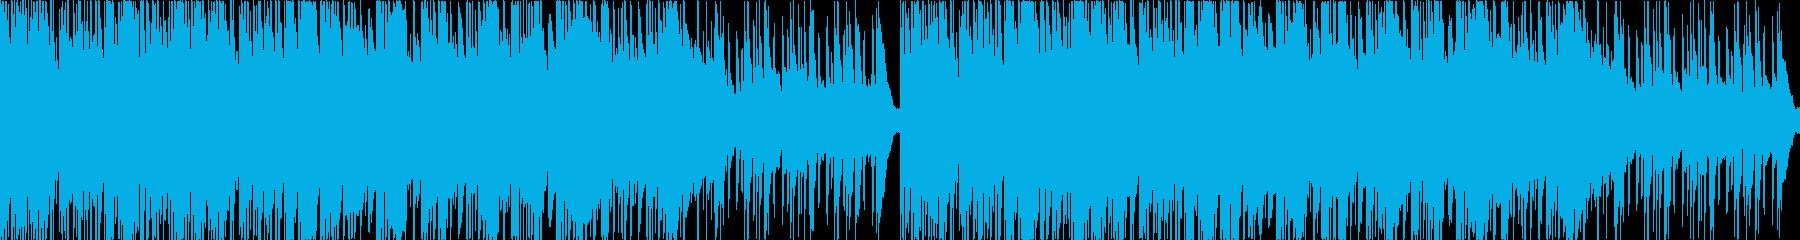 和風ポップス・爽やか軽快・華やか琴の再生済みの波形